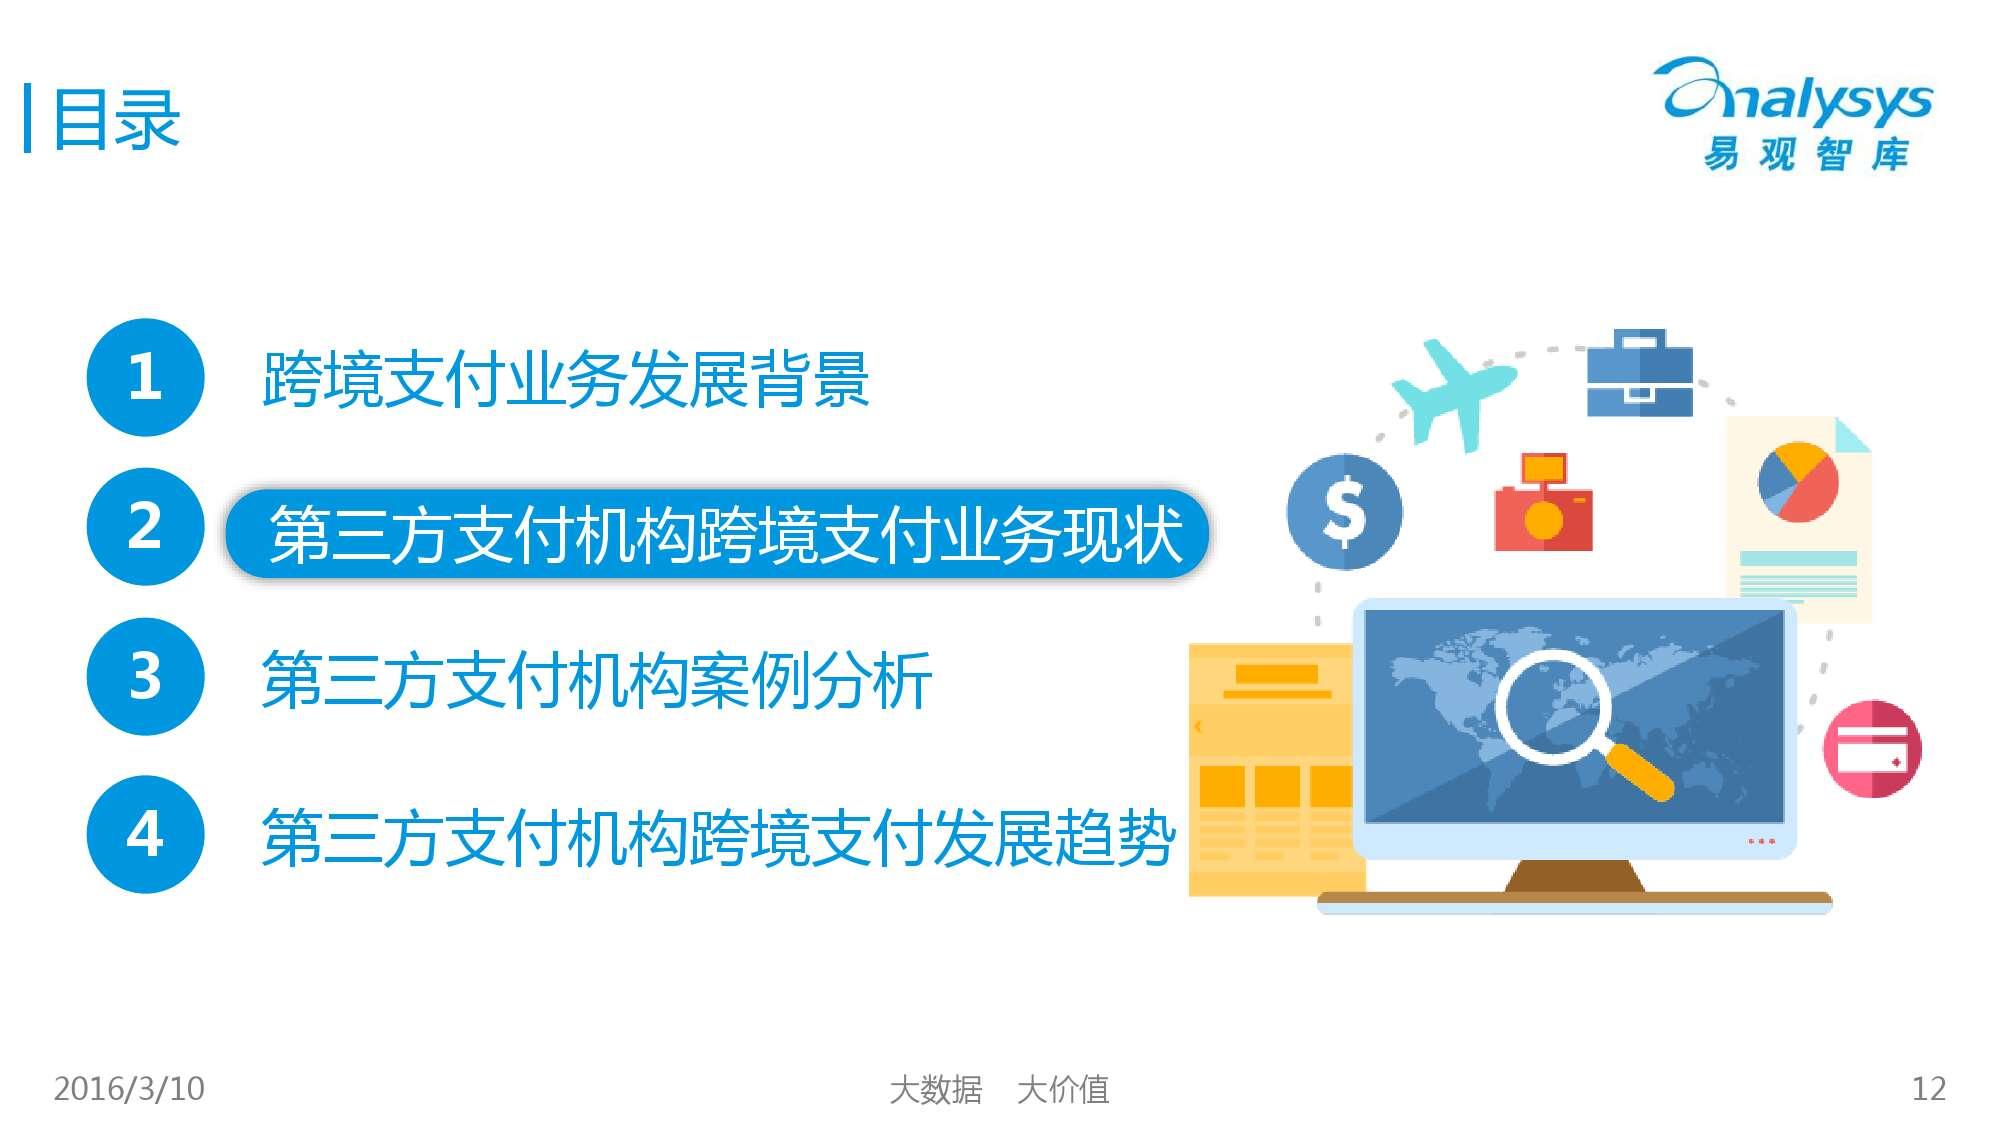 中国跨境支付市场专题研究报告2016_000012